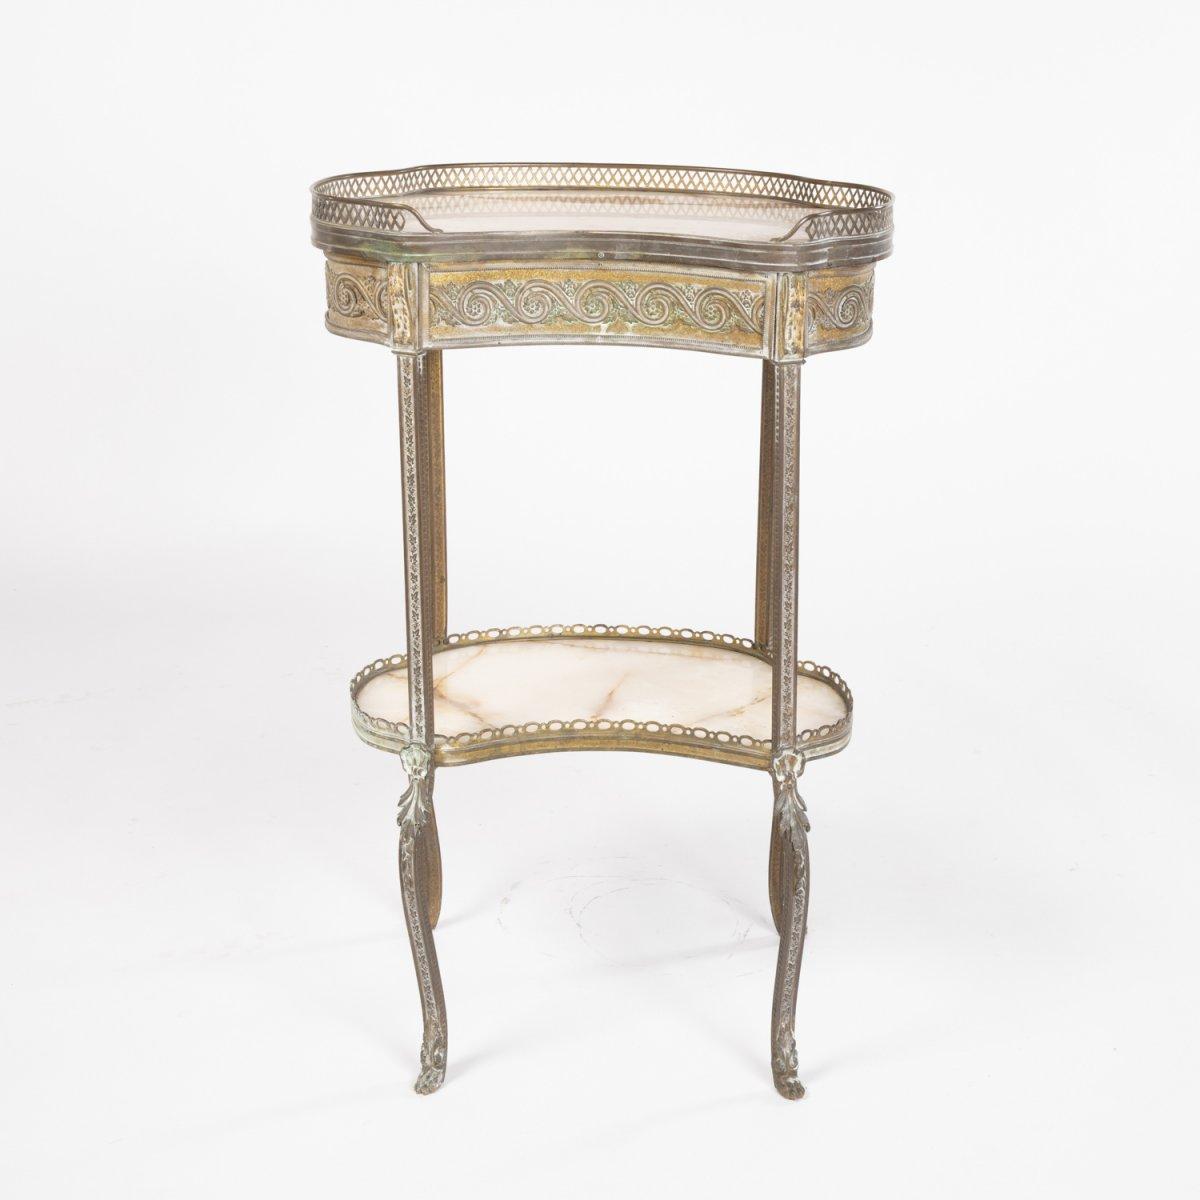 Guéridon rognon en bronze doré et onyx d'époque Napoléon III, XIXe